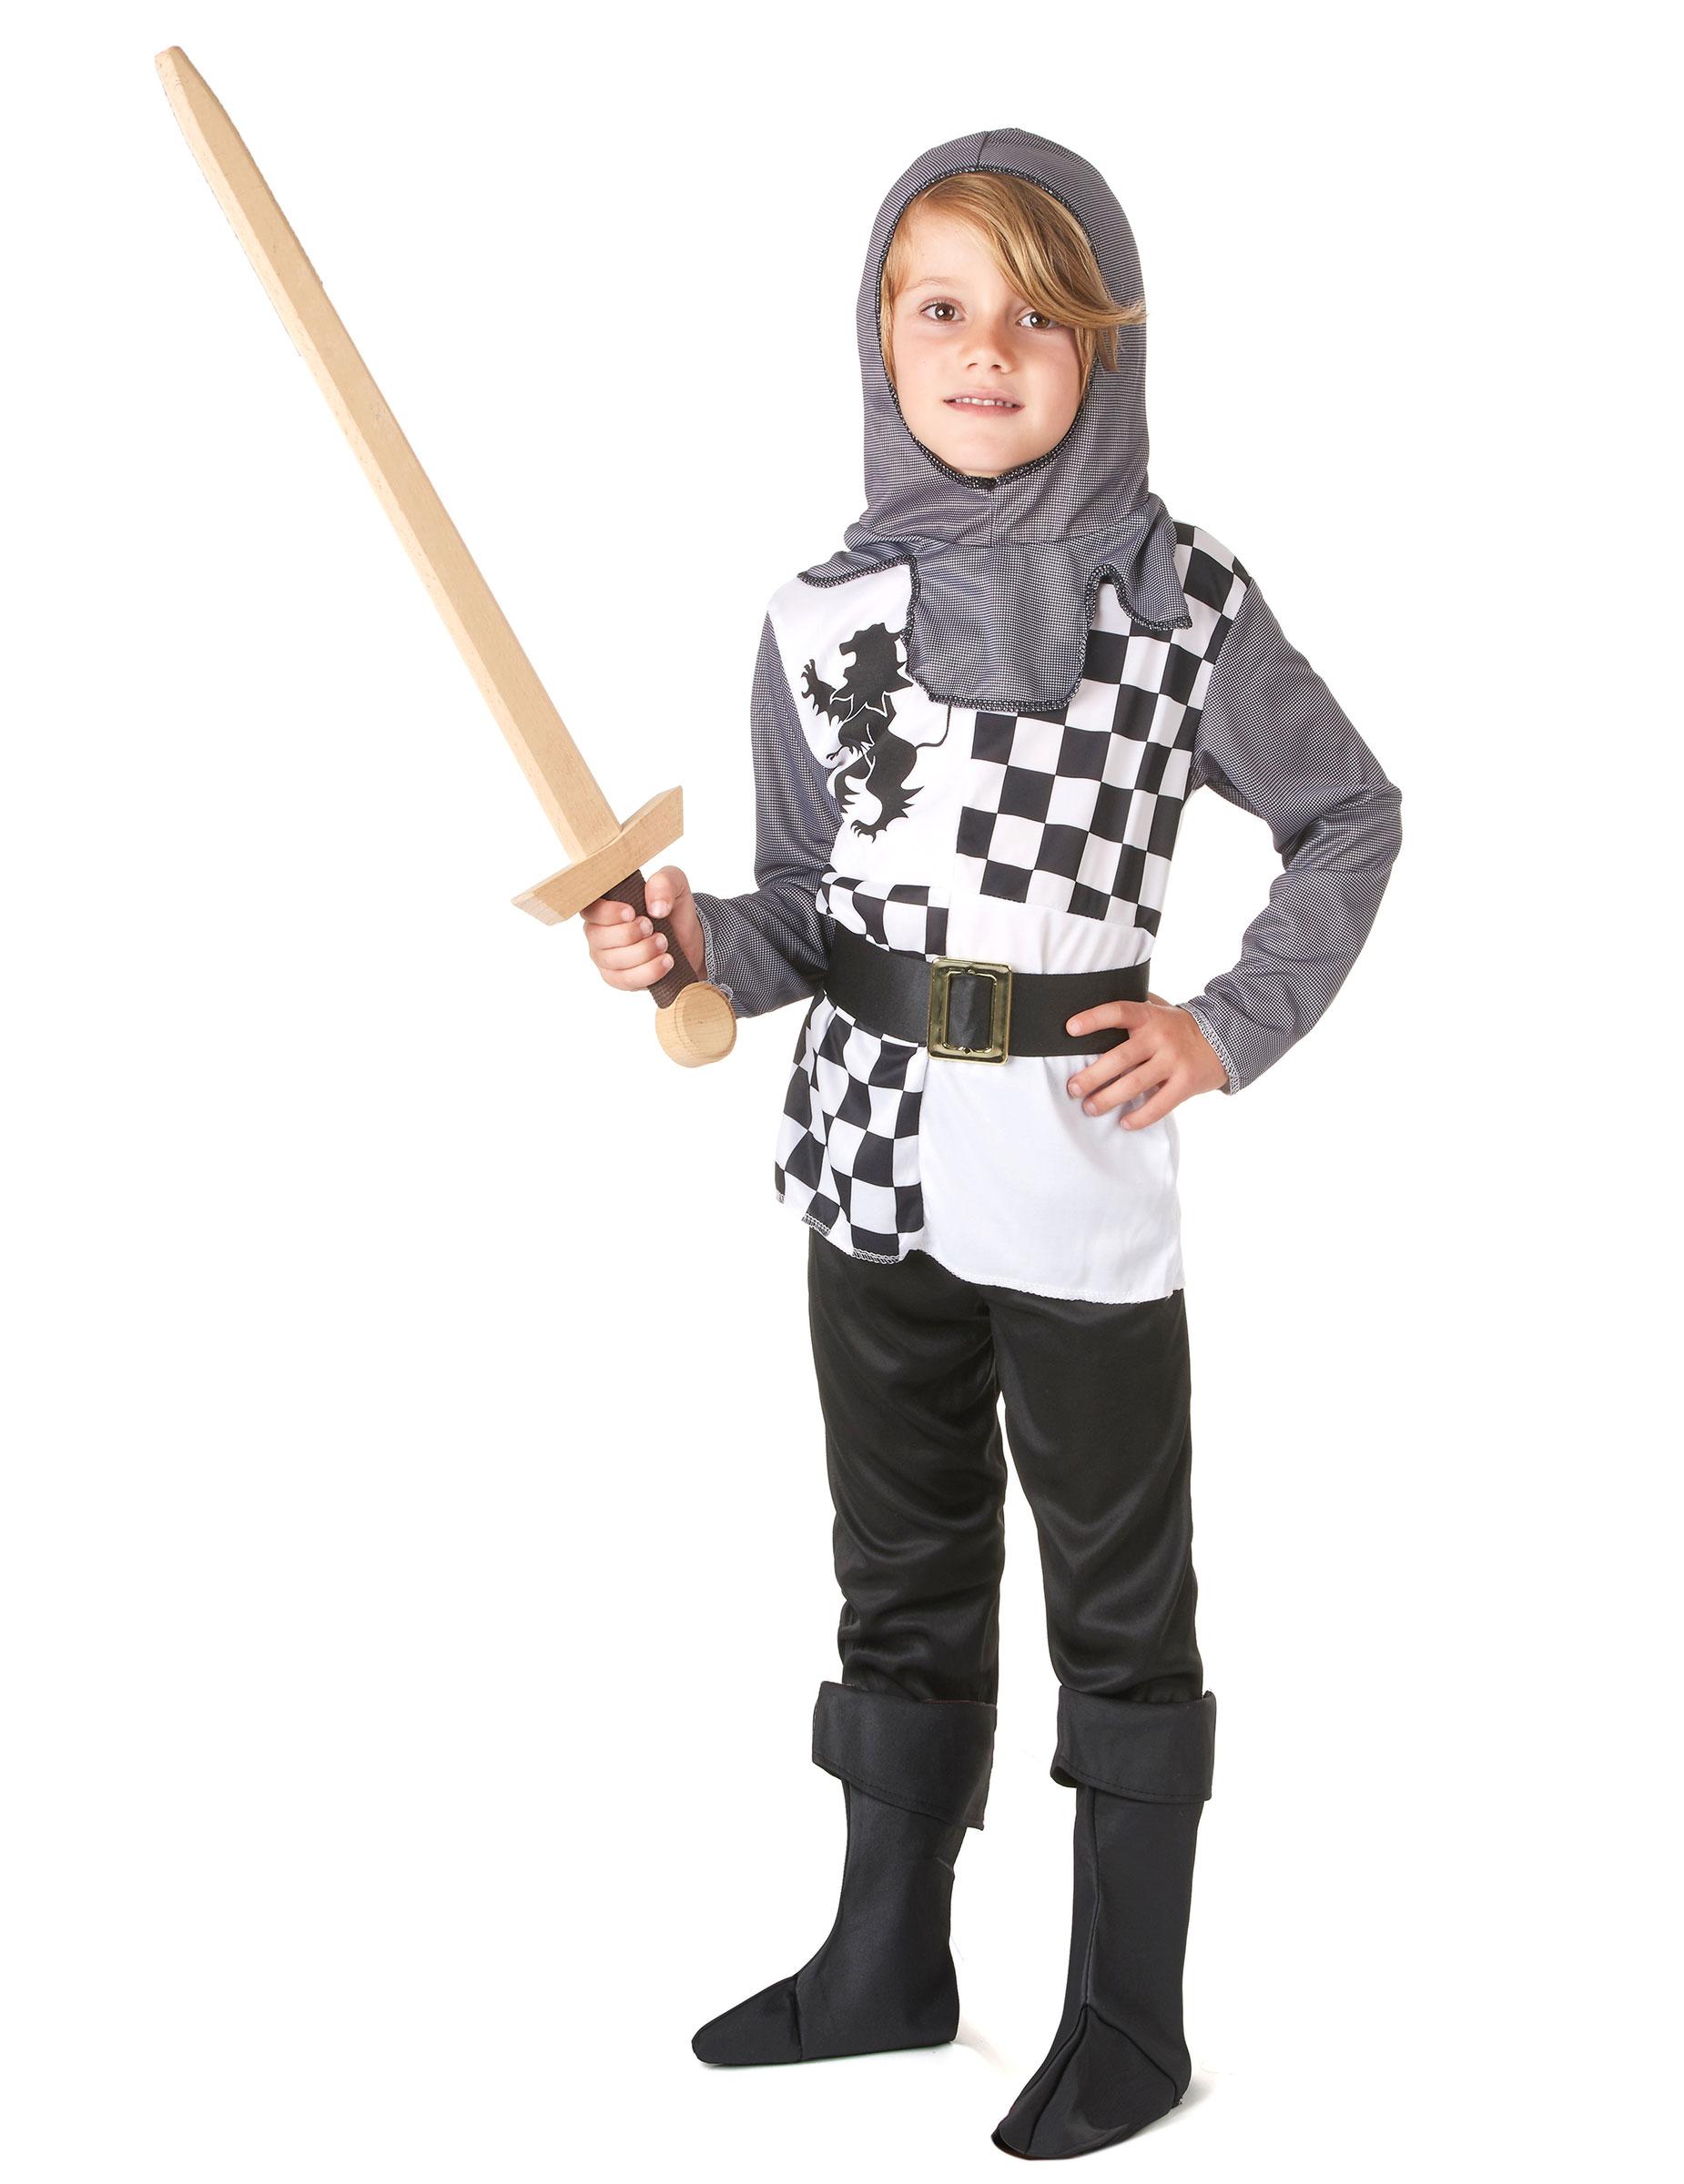 d guisement chevalier damier gar on deguise toi achat de d guisements enfants. Black Bedroom Furniture Sets. Home Design Ideas